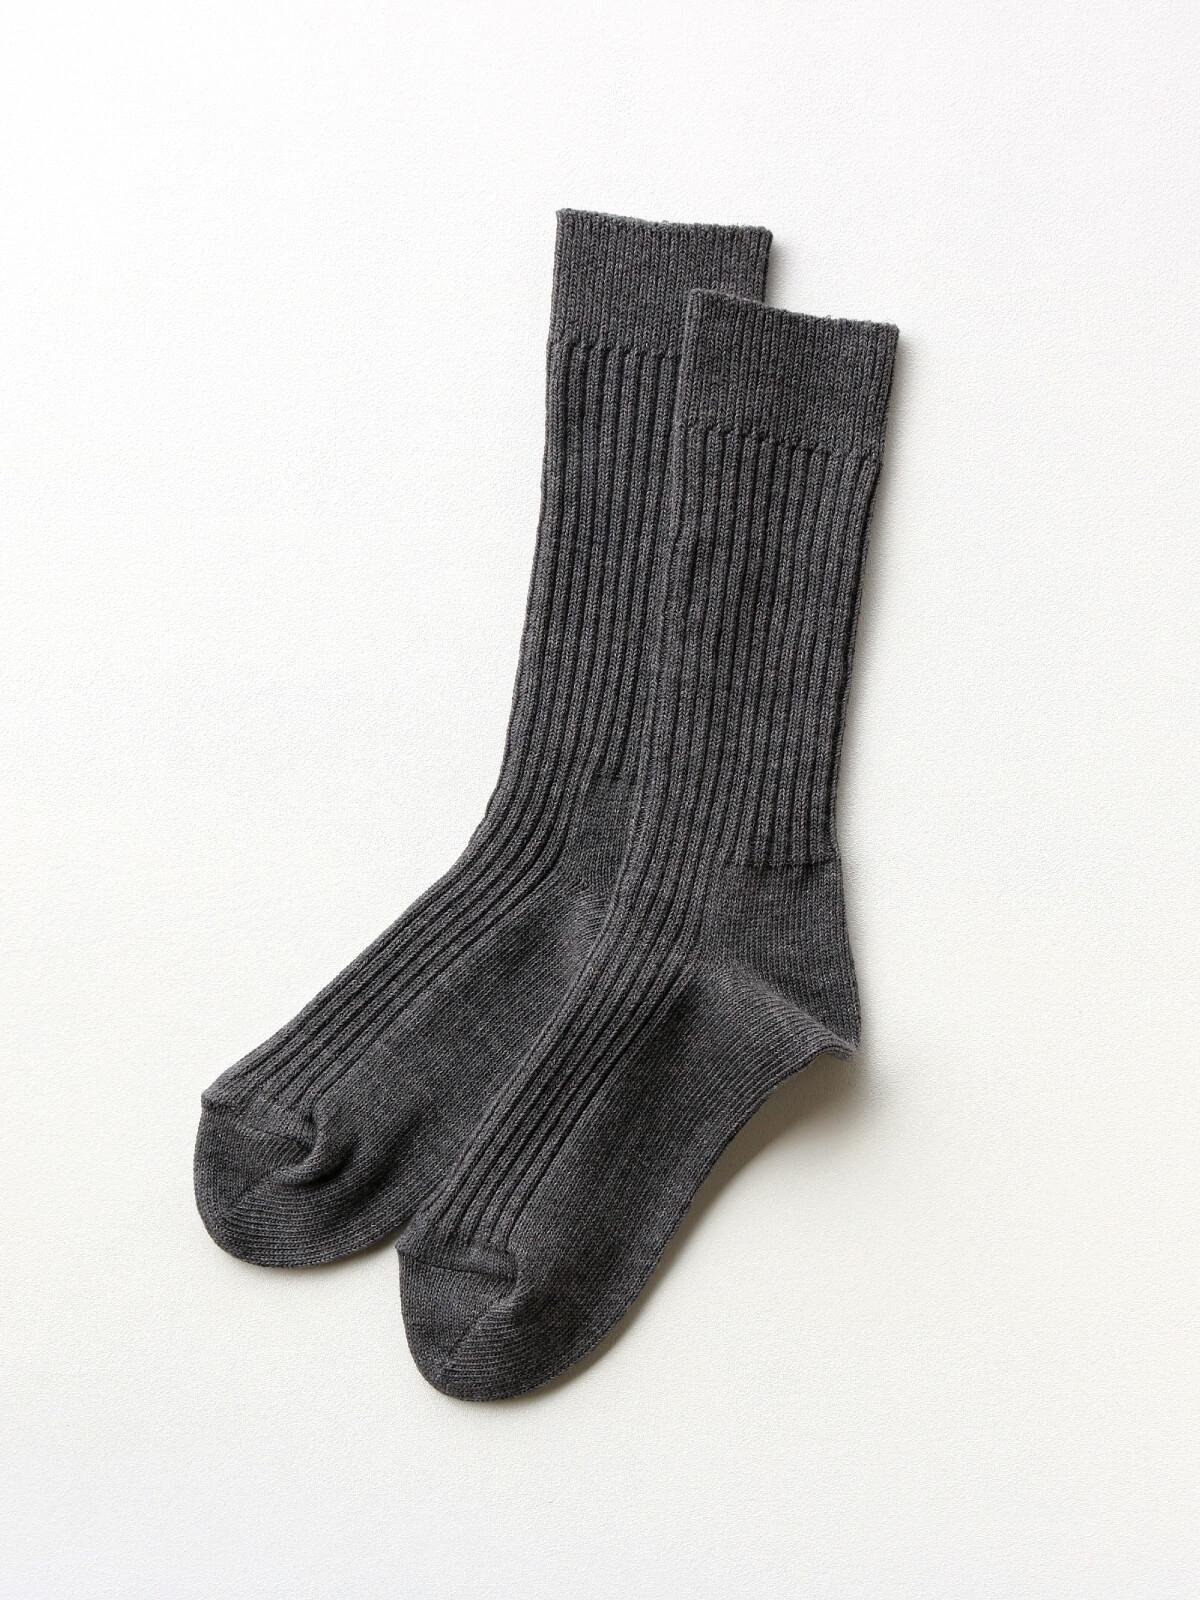 当たりつきギフト専用靴下のLUCKY SOCKS(ラッキーソックス)のSmooth Rib Socks(スムースリブソックス)のダークグレー_2